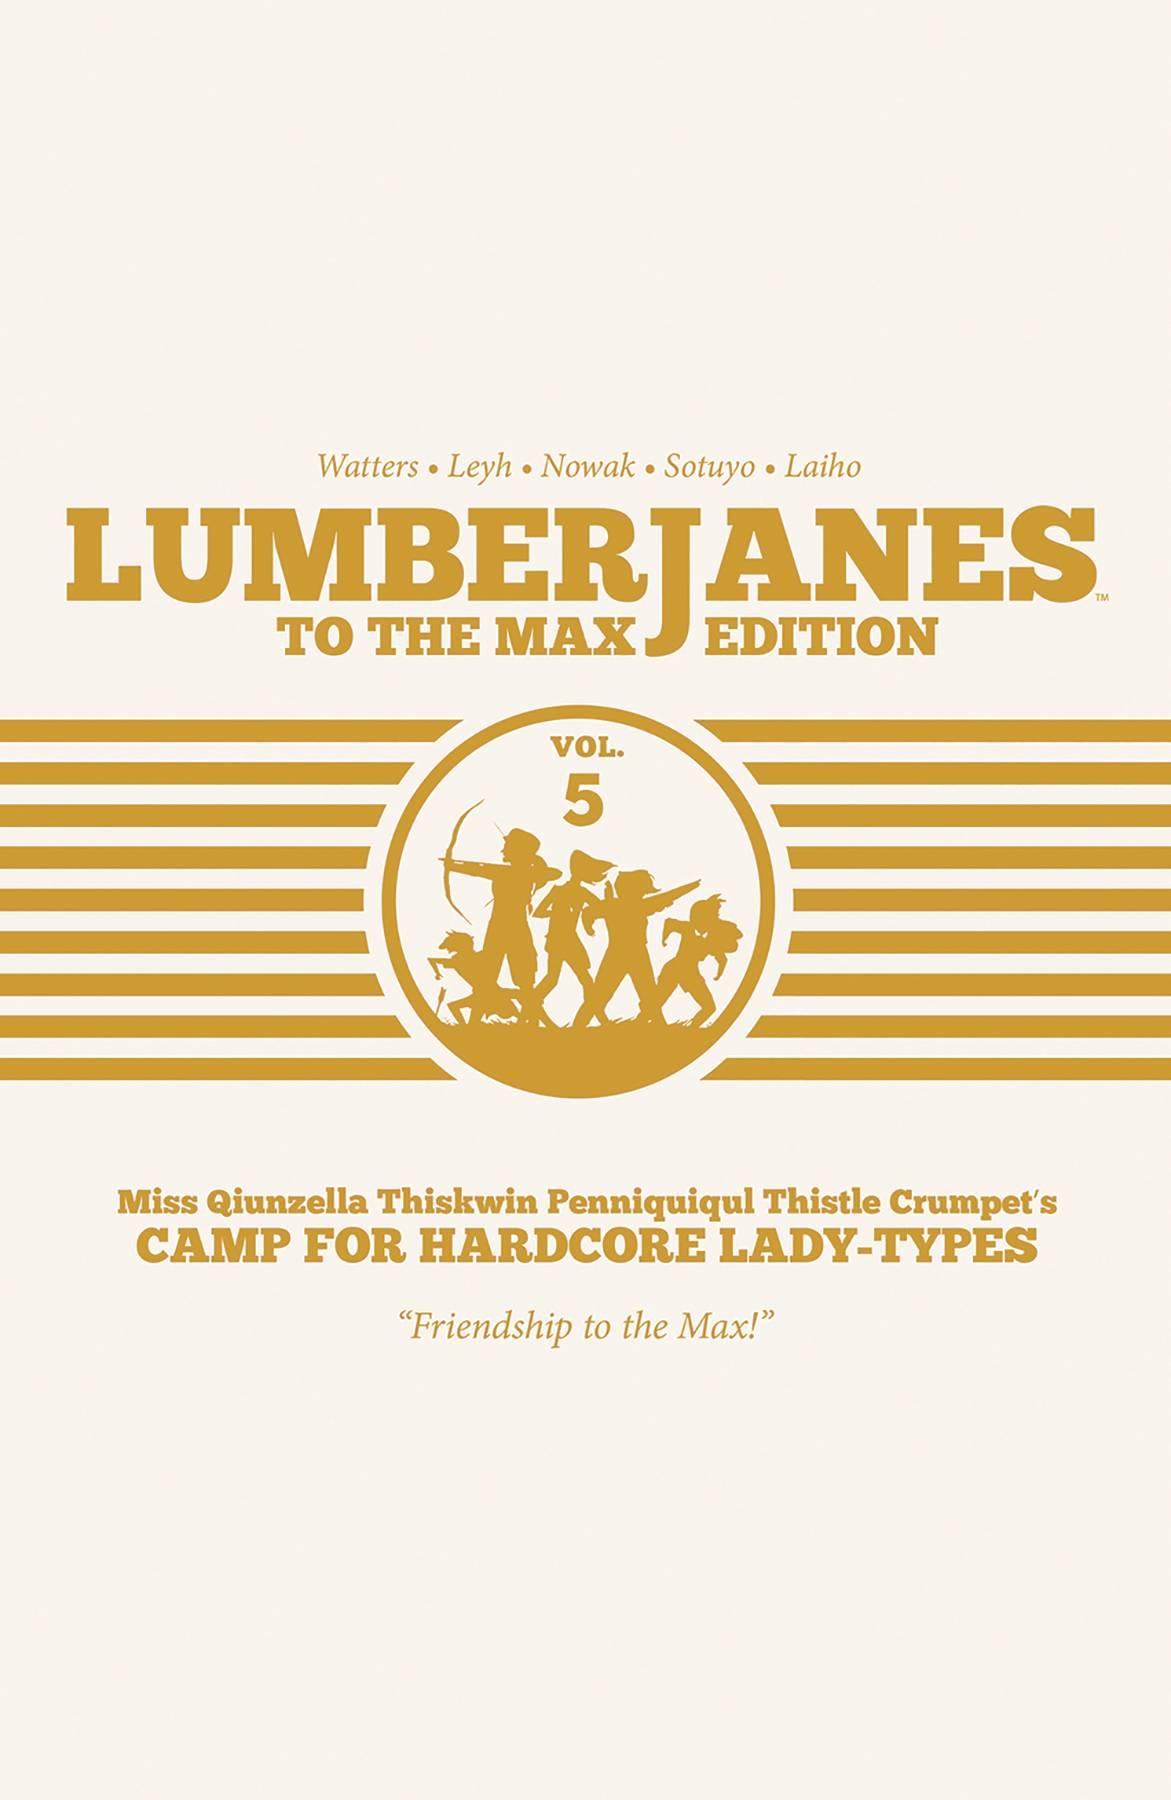 Lumberjanes HC 5